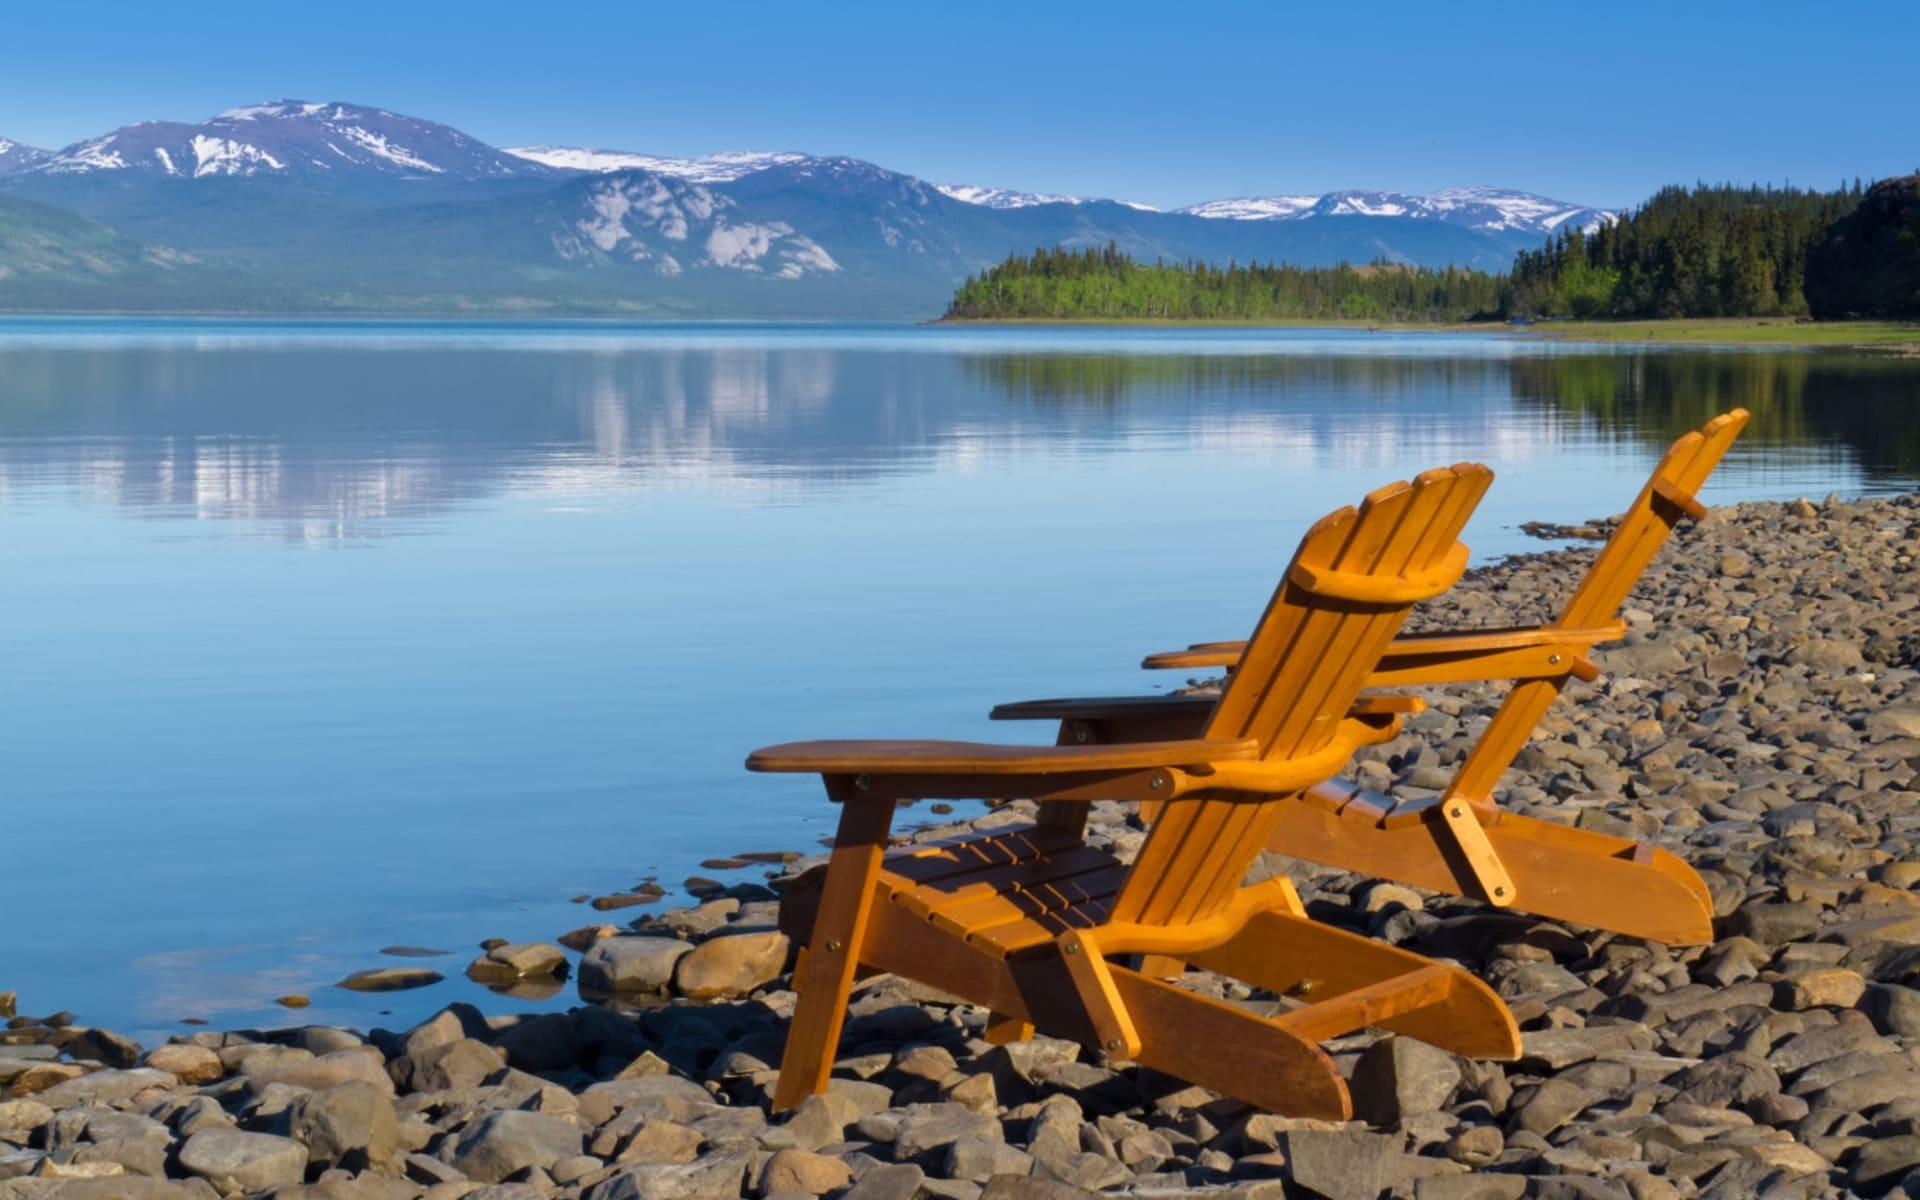 Yukon River Abenteuer ab Whitehorse: Kanada - Lake Laberge - Stühle am Wasserrand